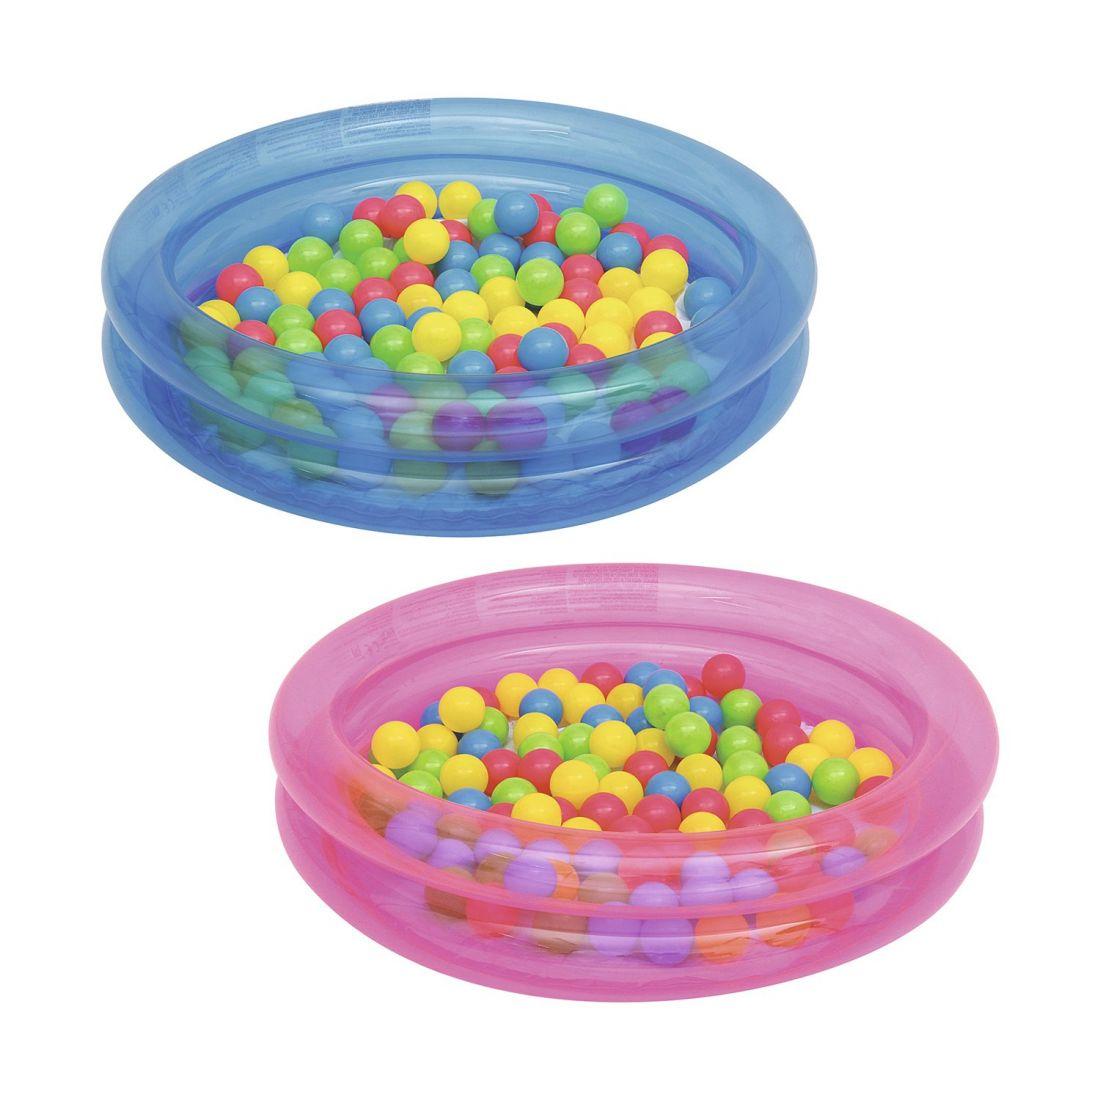 Бассейн с 50 шариками 91 х 20 см, 73 л. 2 цвета в ассортименте